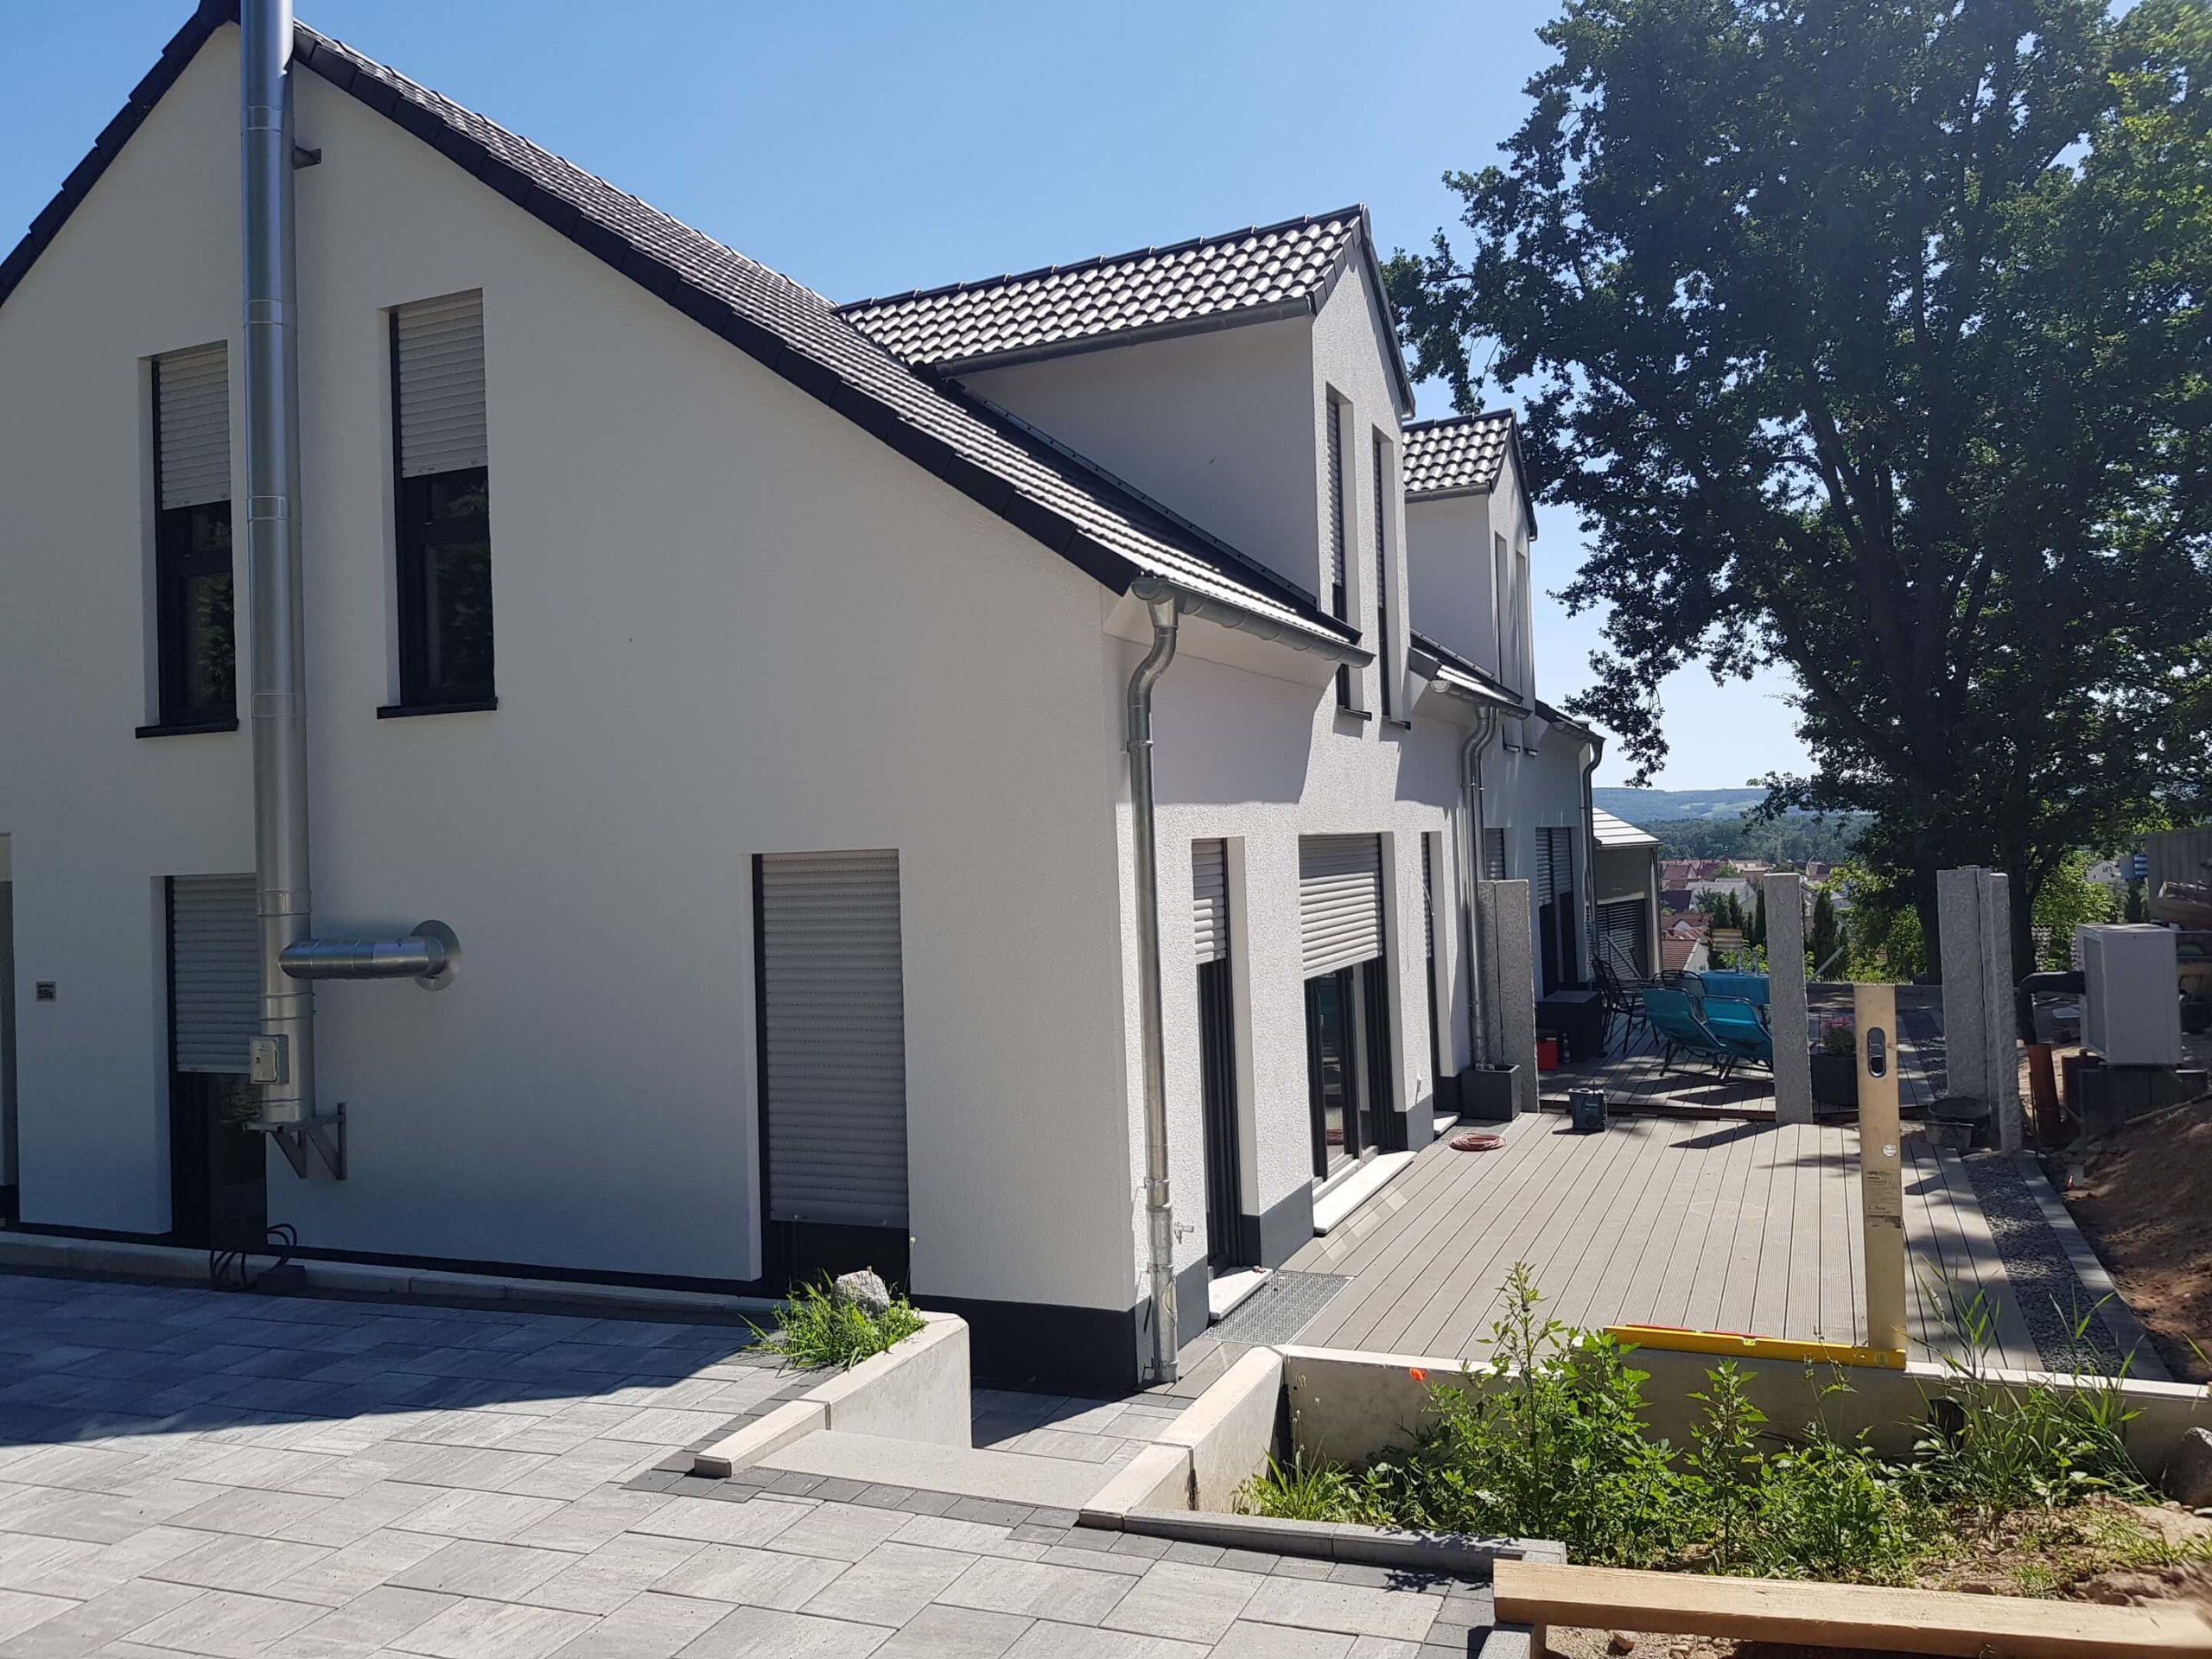 Haus mit Außenanlage 1